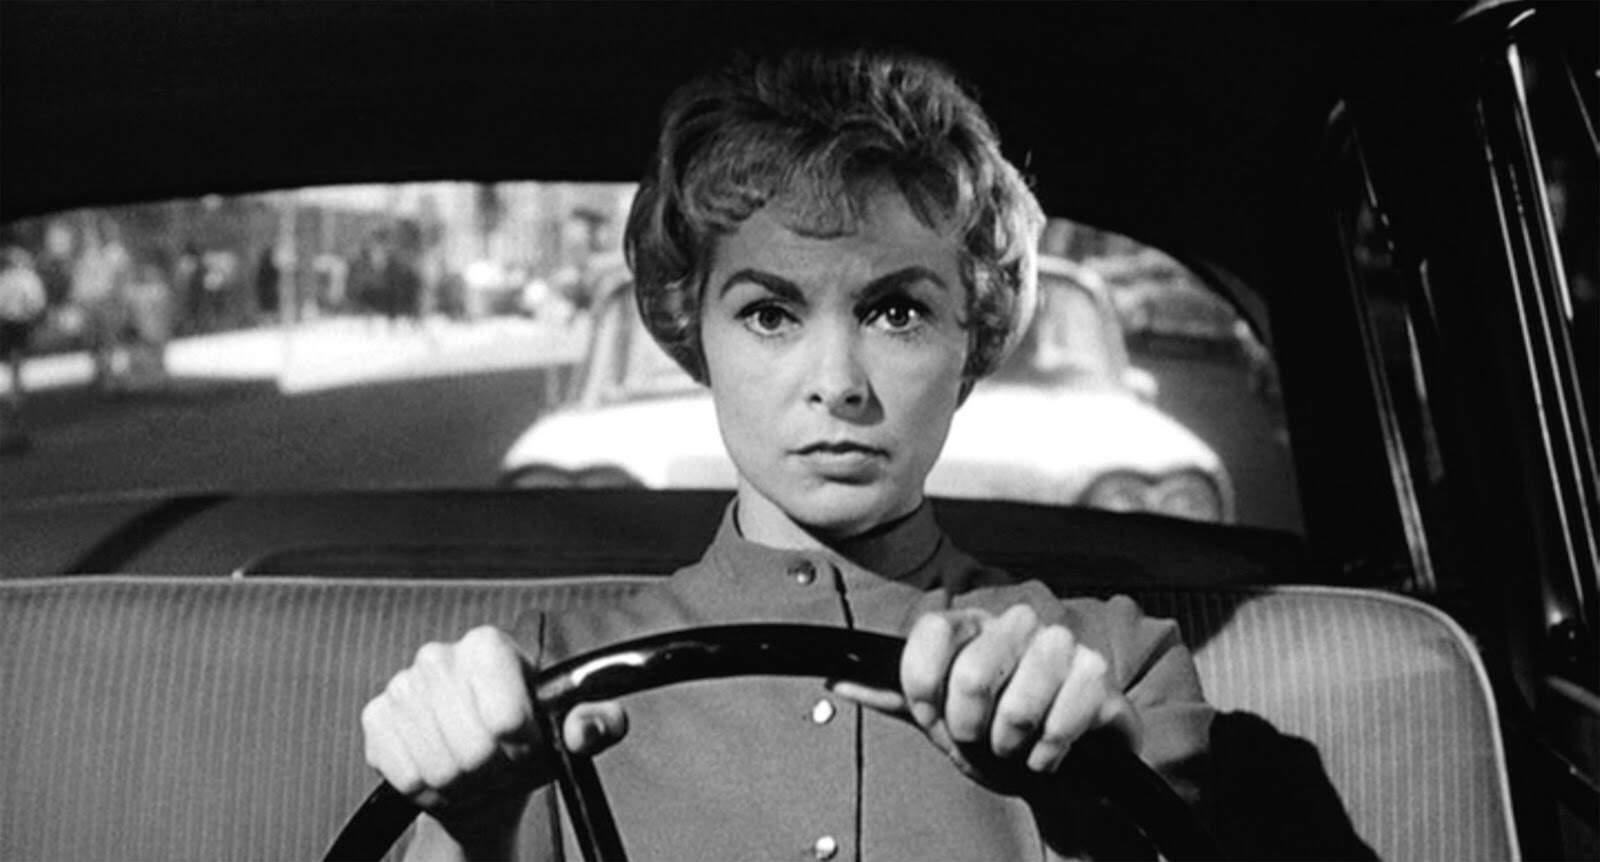 Psicose foi lançado noBrasil em 1 de Dezembro de 1961